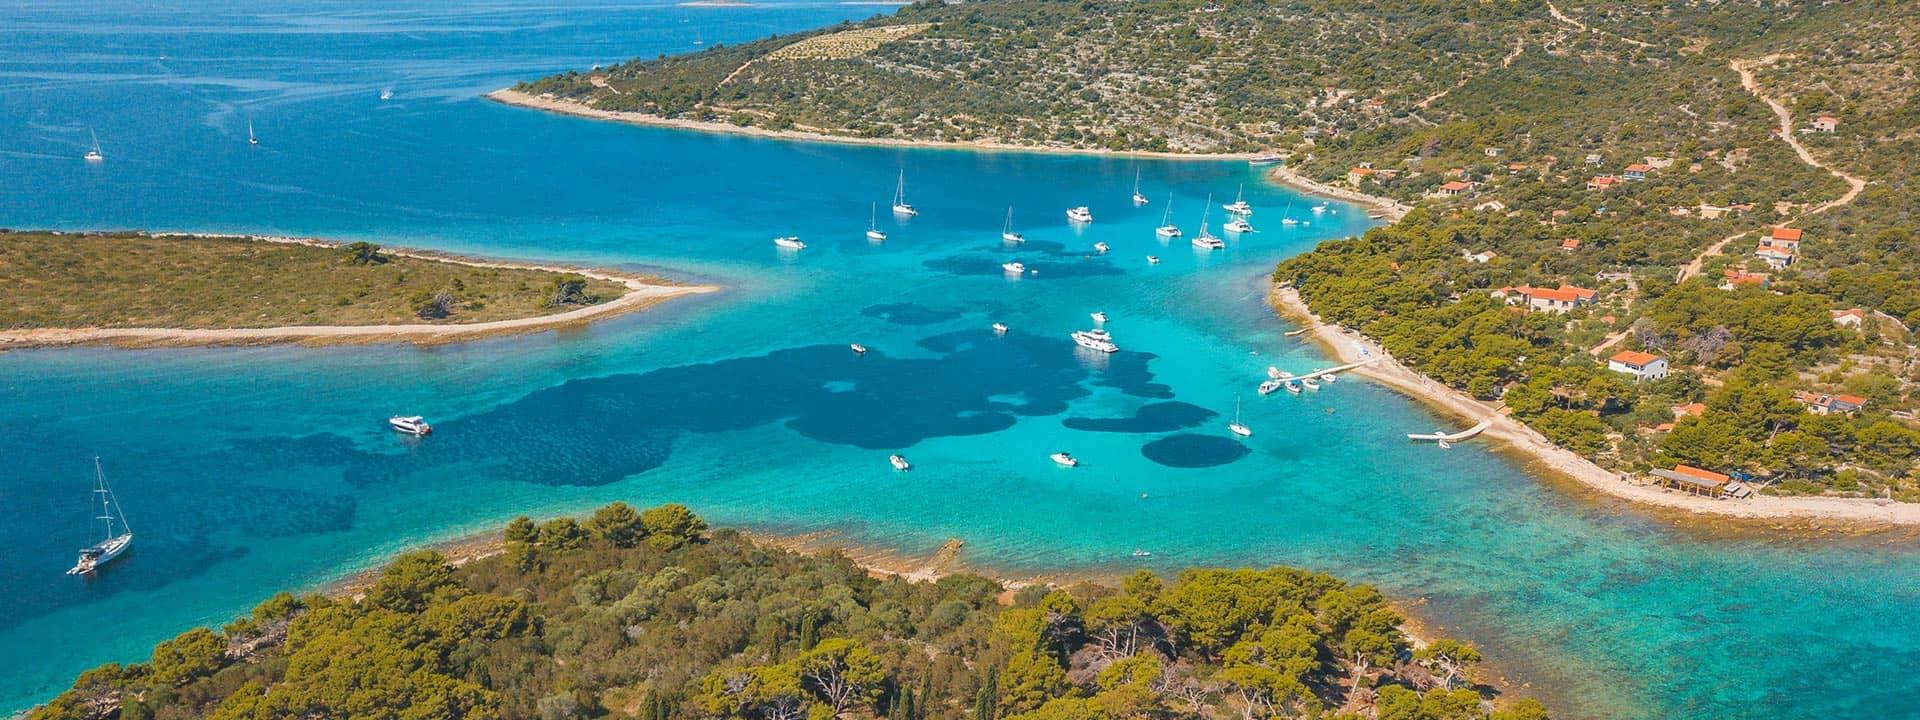 mayer-charter-tour-header-blue-lagoon-01